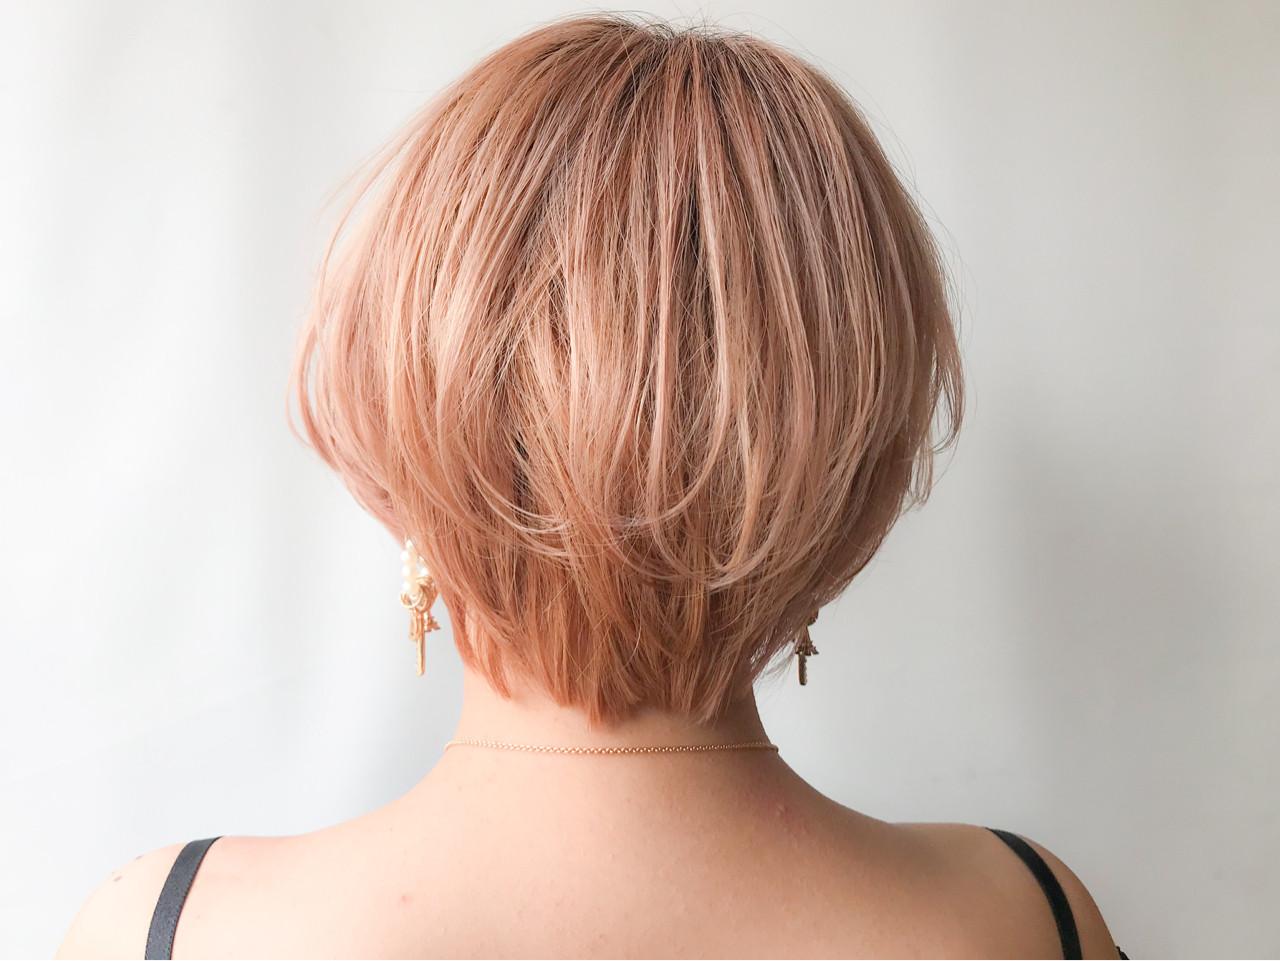 オフィス ショートボブ モテ髪 コンサバ ヘアスタイルや髪型の写真・画像